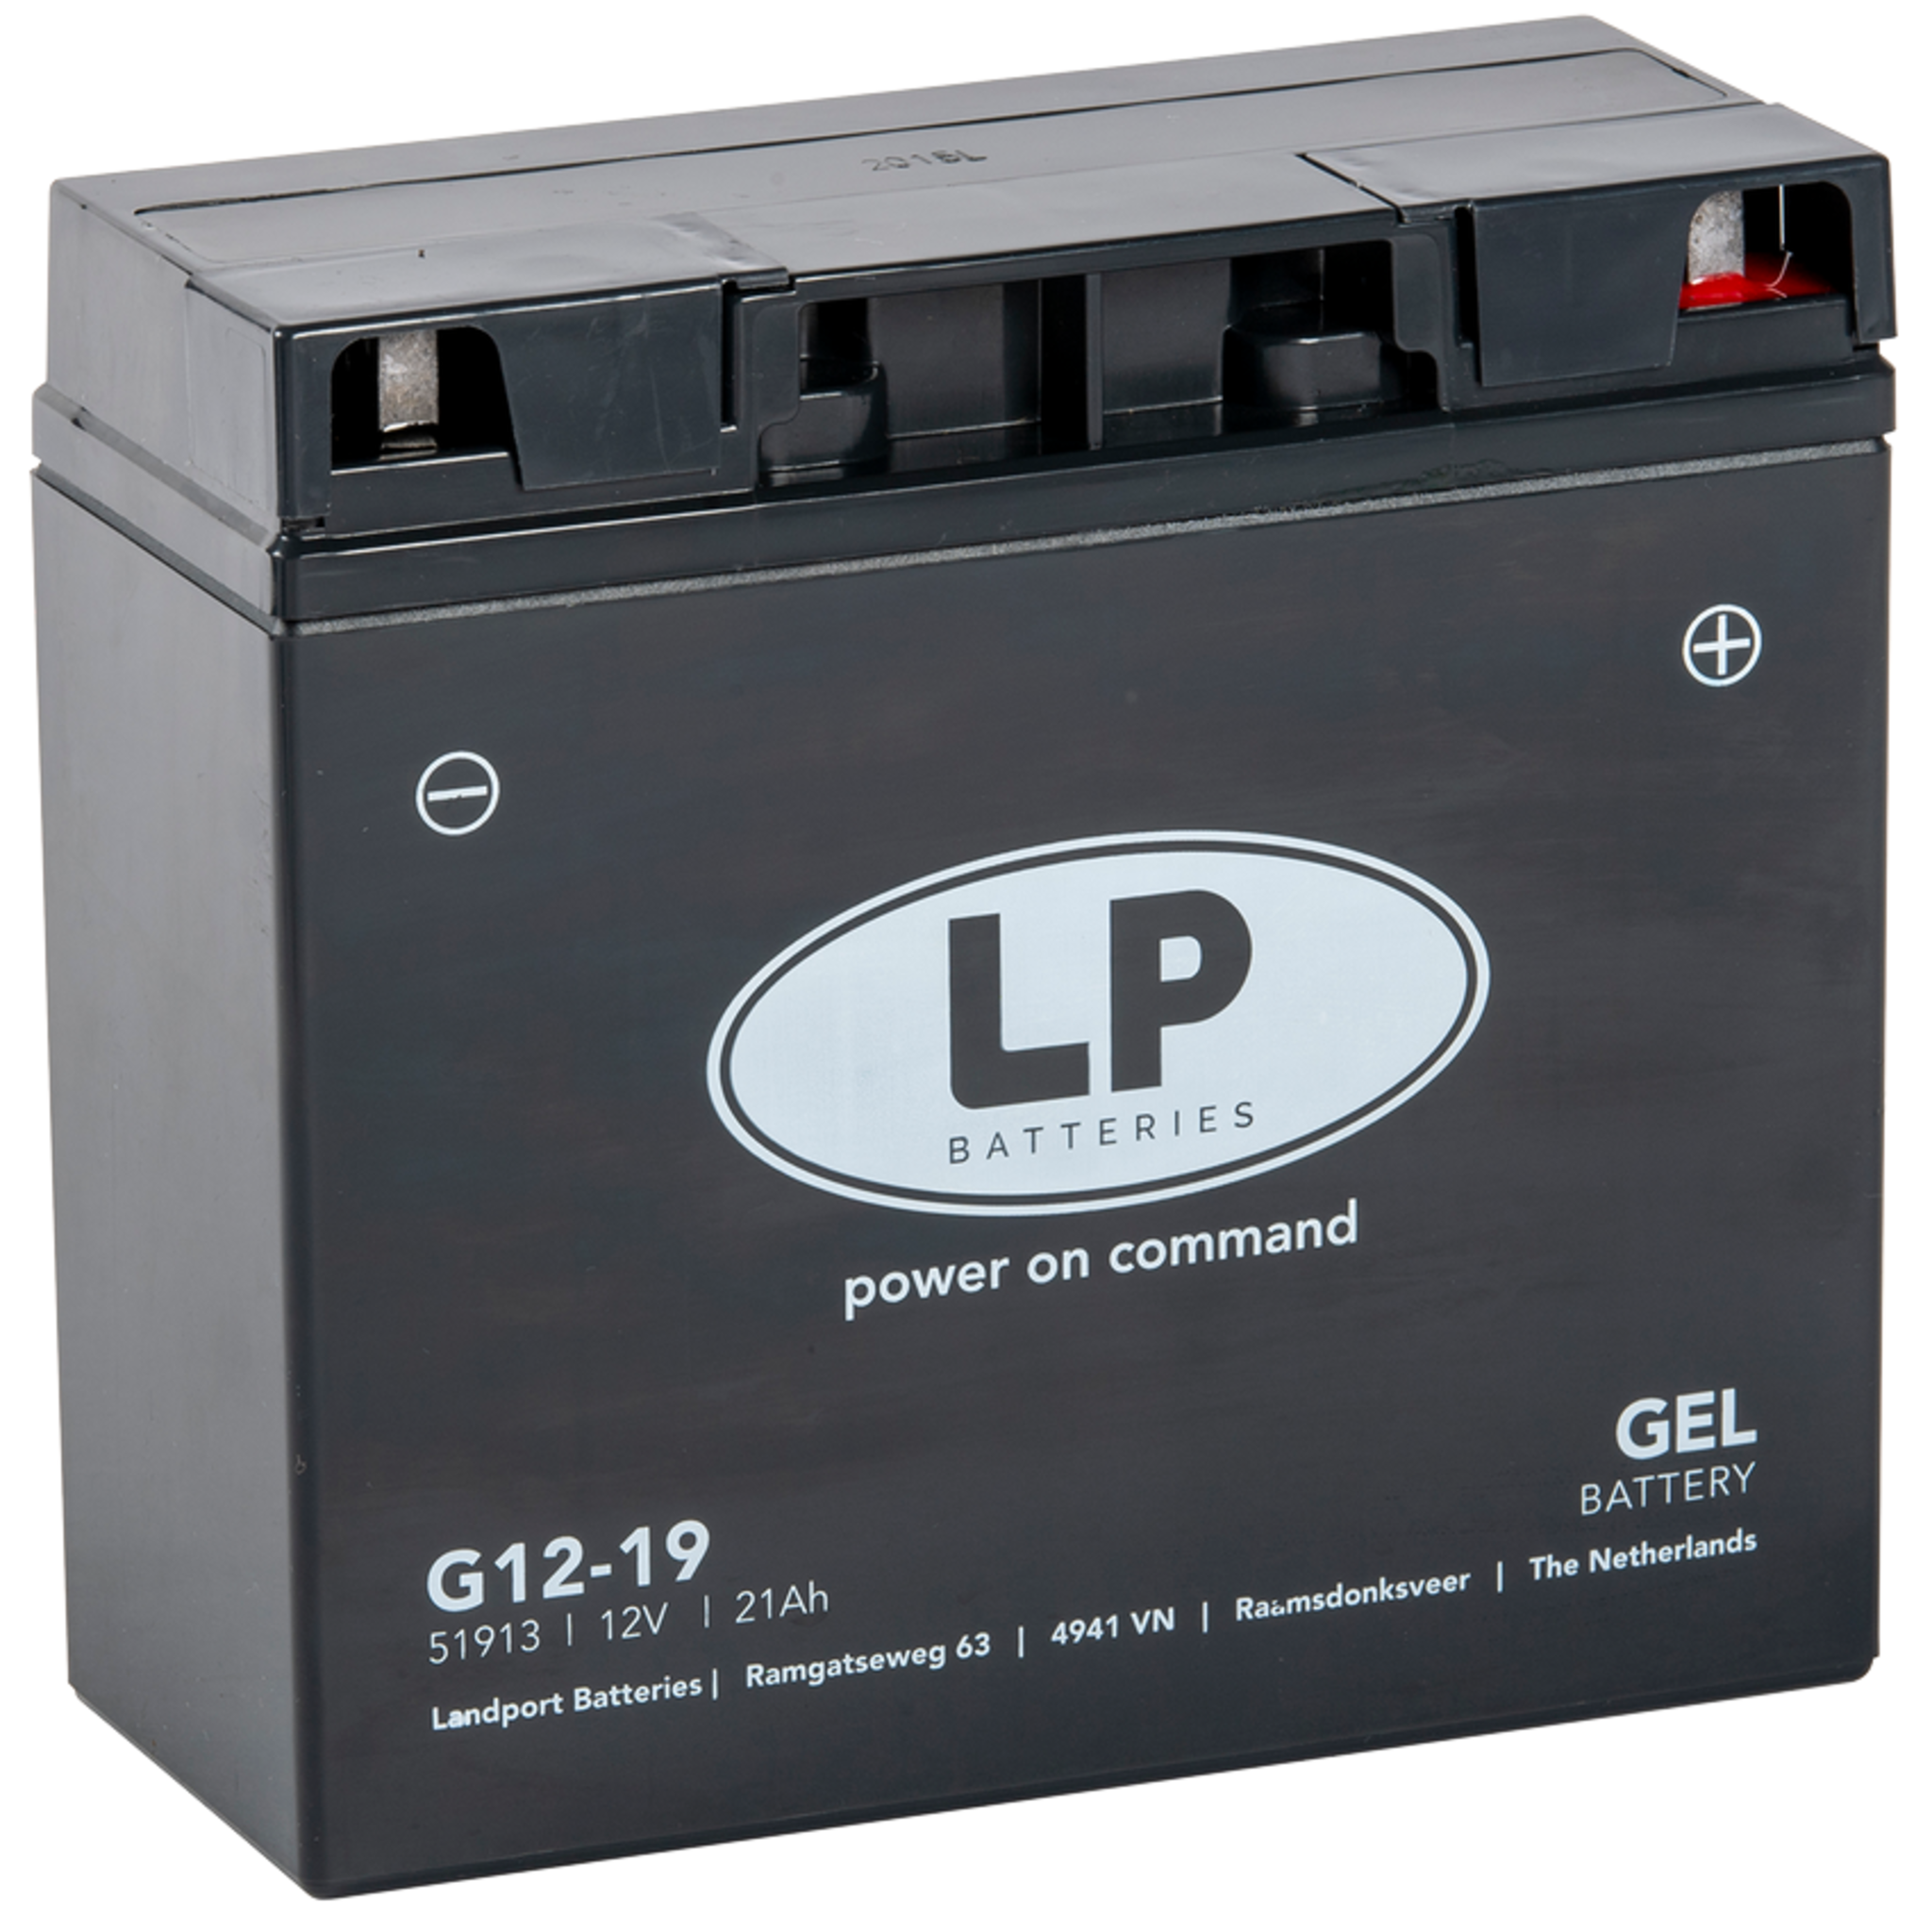 Аккумулятор Landport G12-19, 12V, GEL